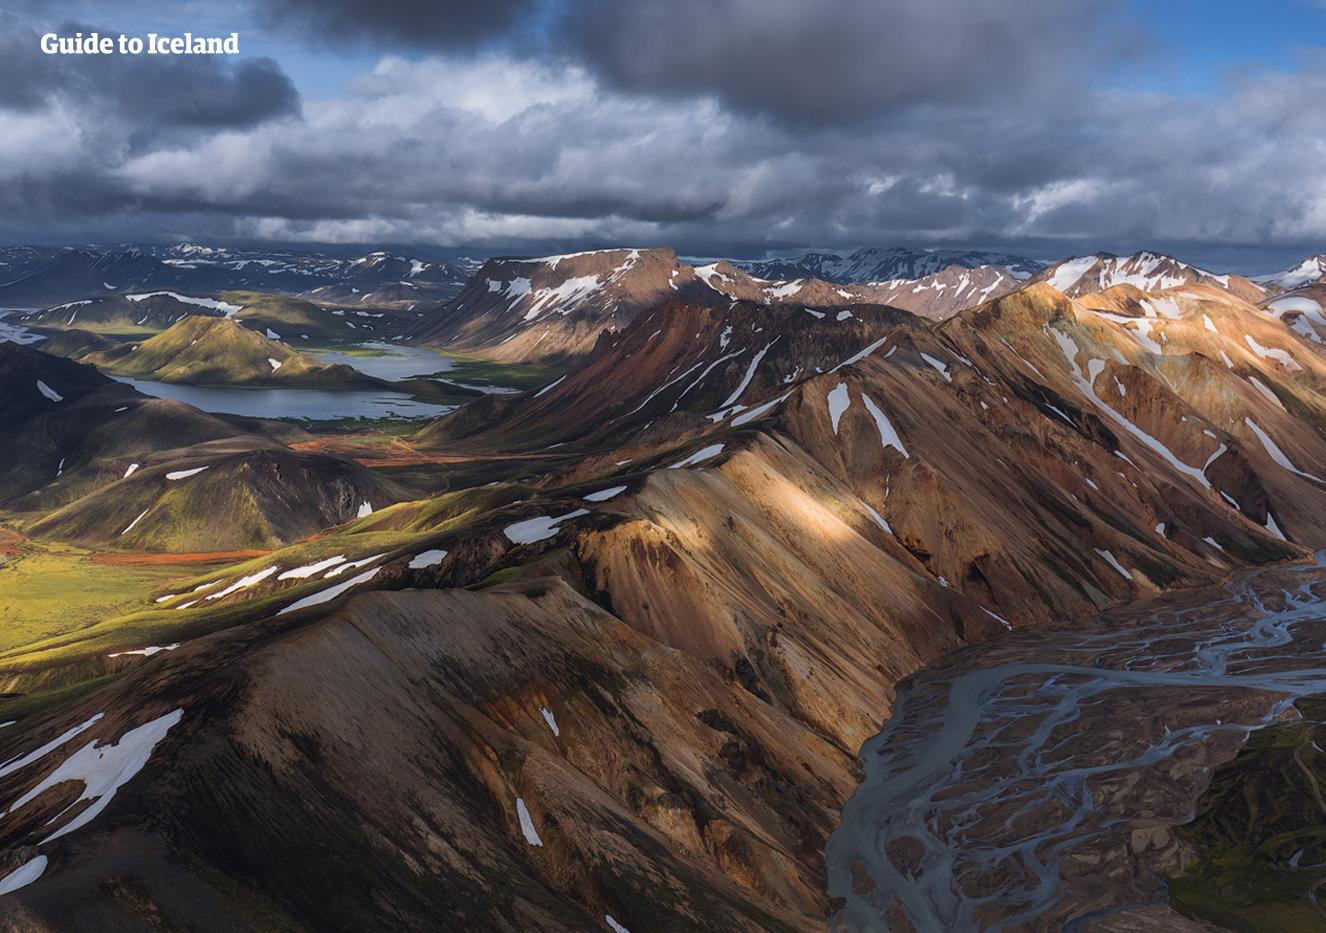 Malownicza 5-dniowa wycieczka samochodowa przez południowe wybrzeże Islandii, Landmannalaugar i interior - day 3